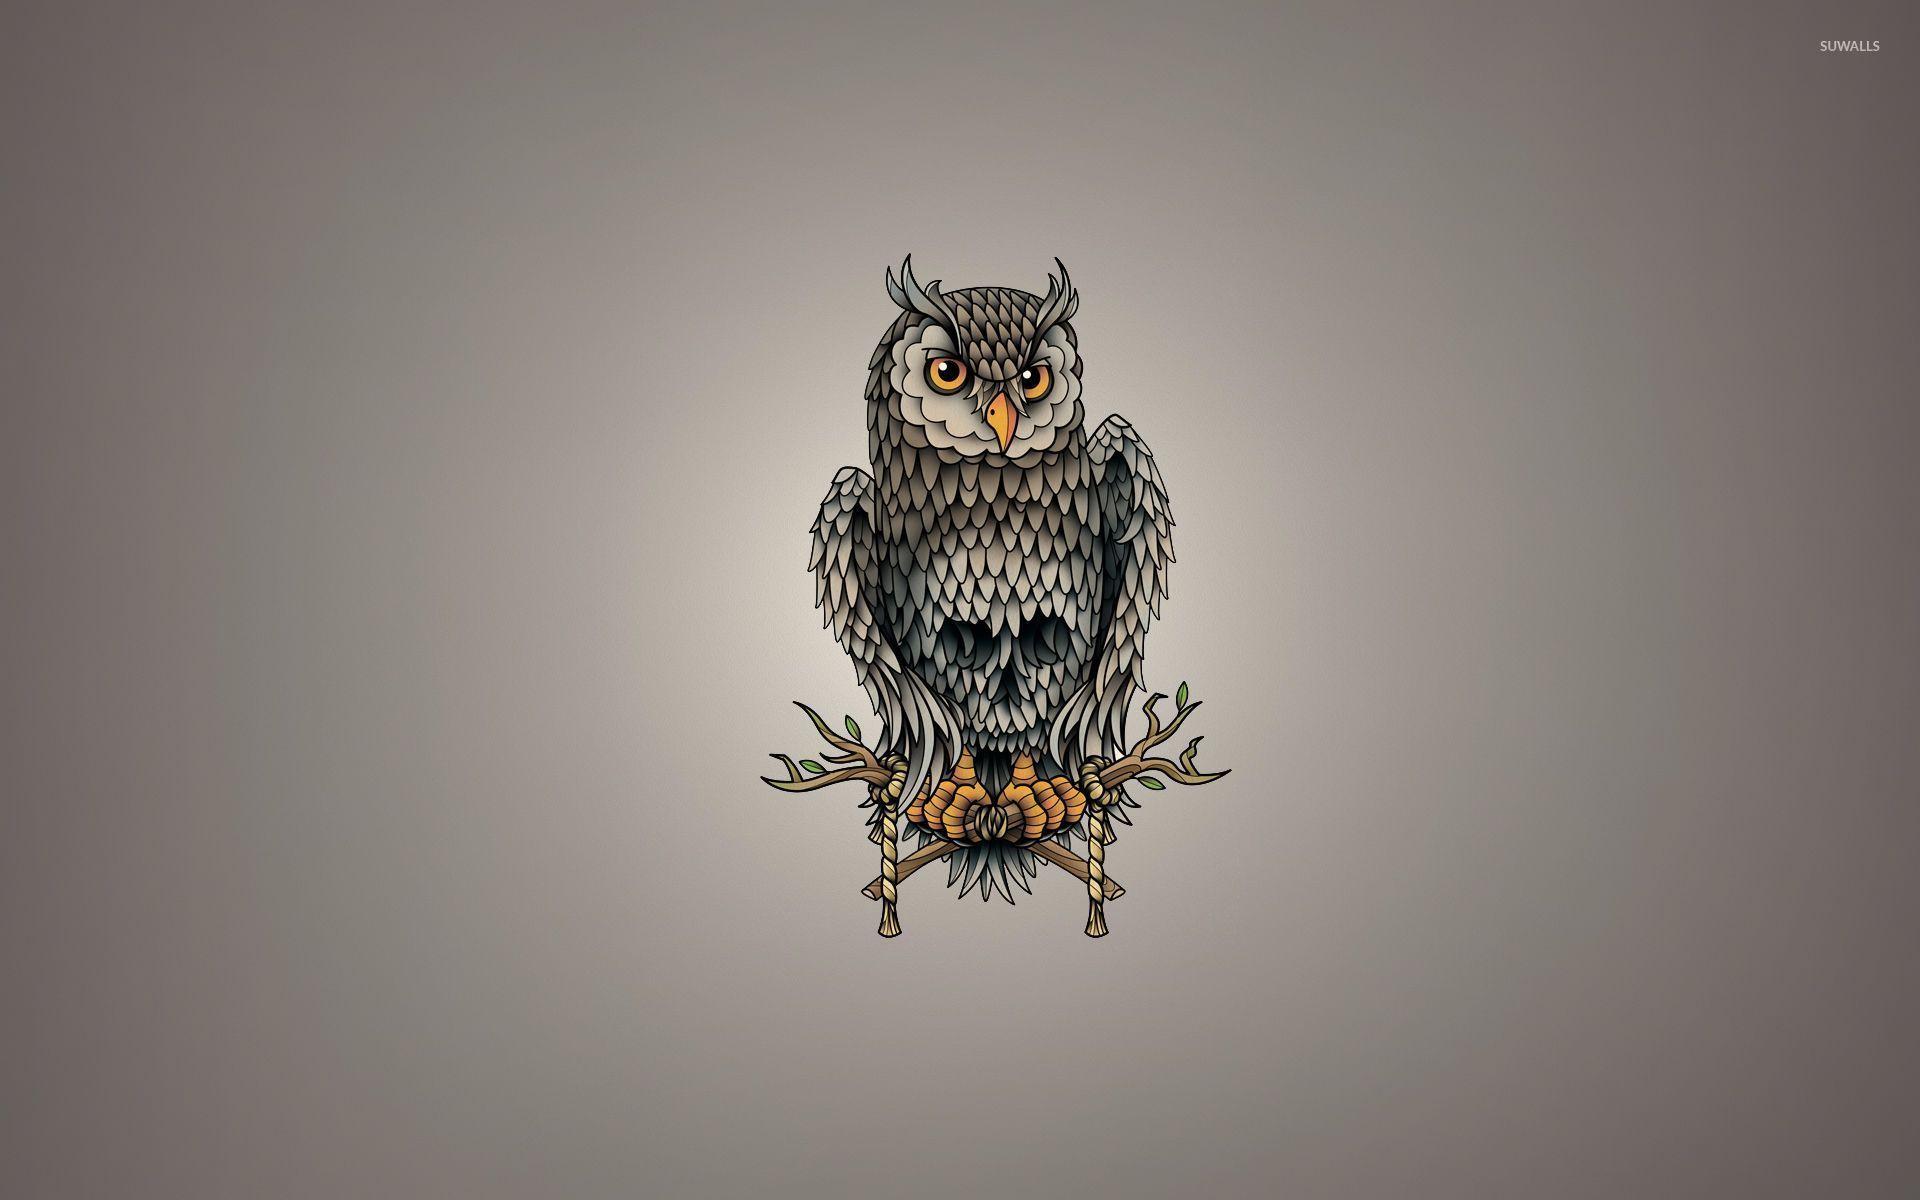 Skull owl wallpaper Vector wallpapers 52860